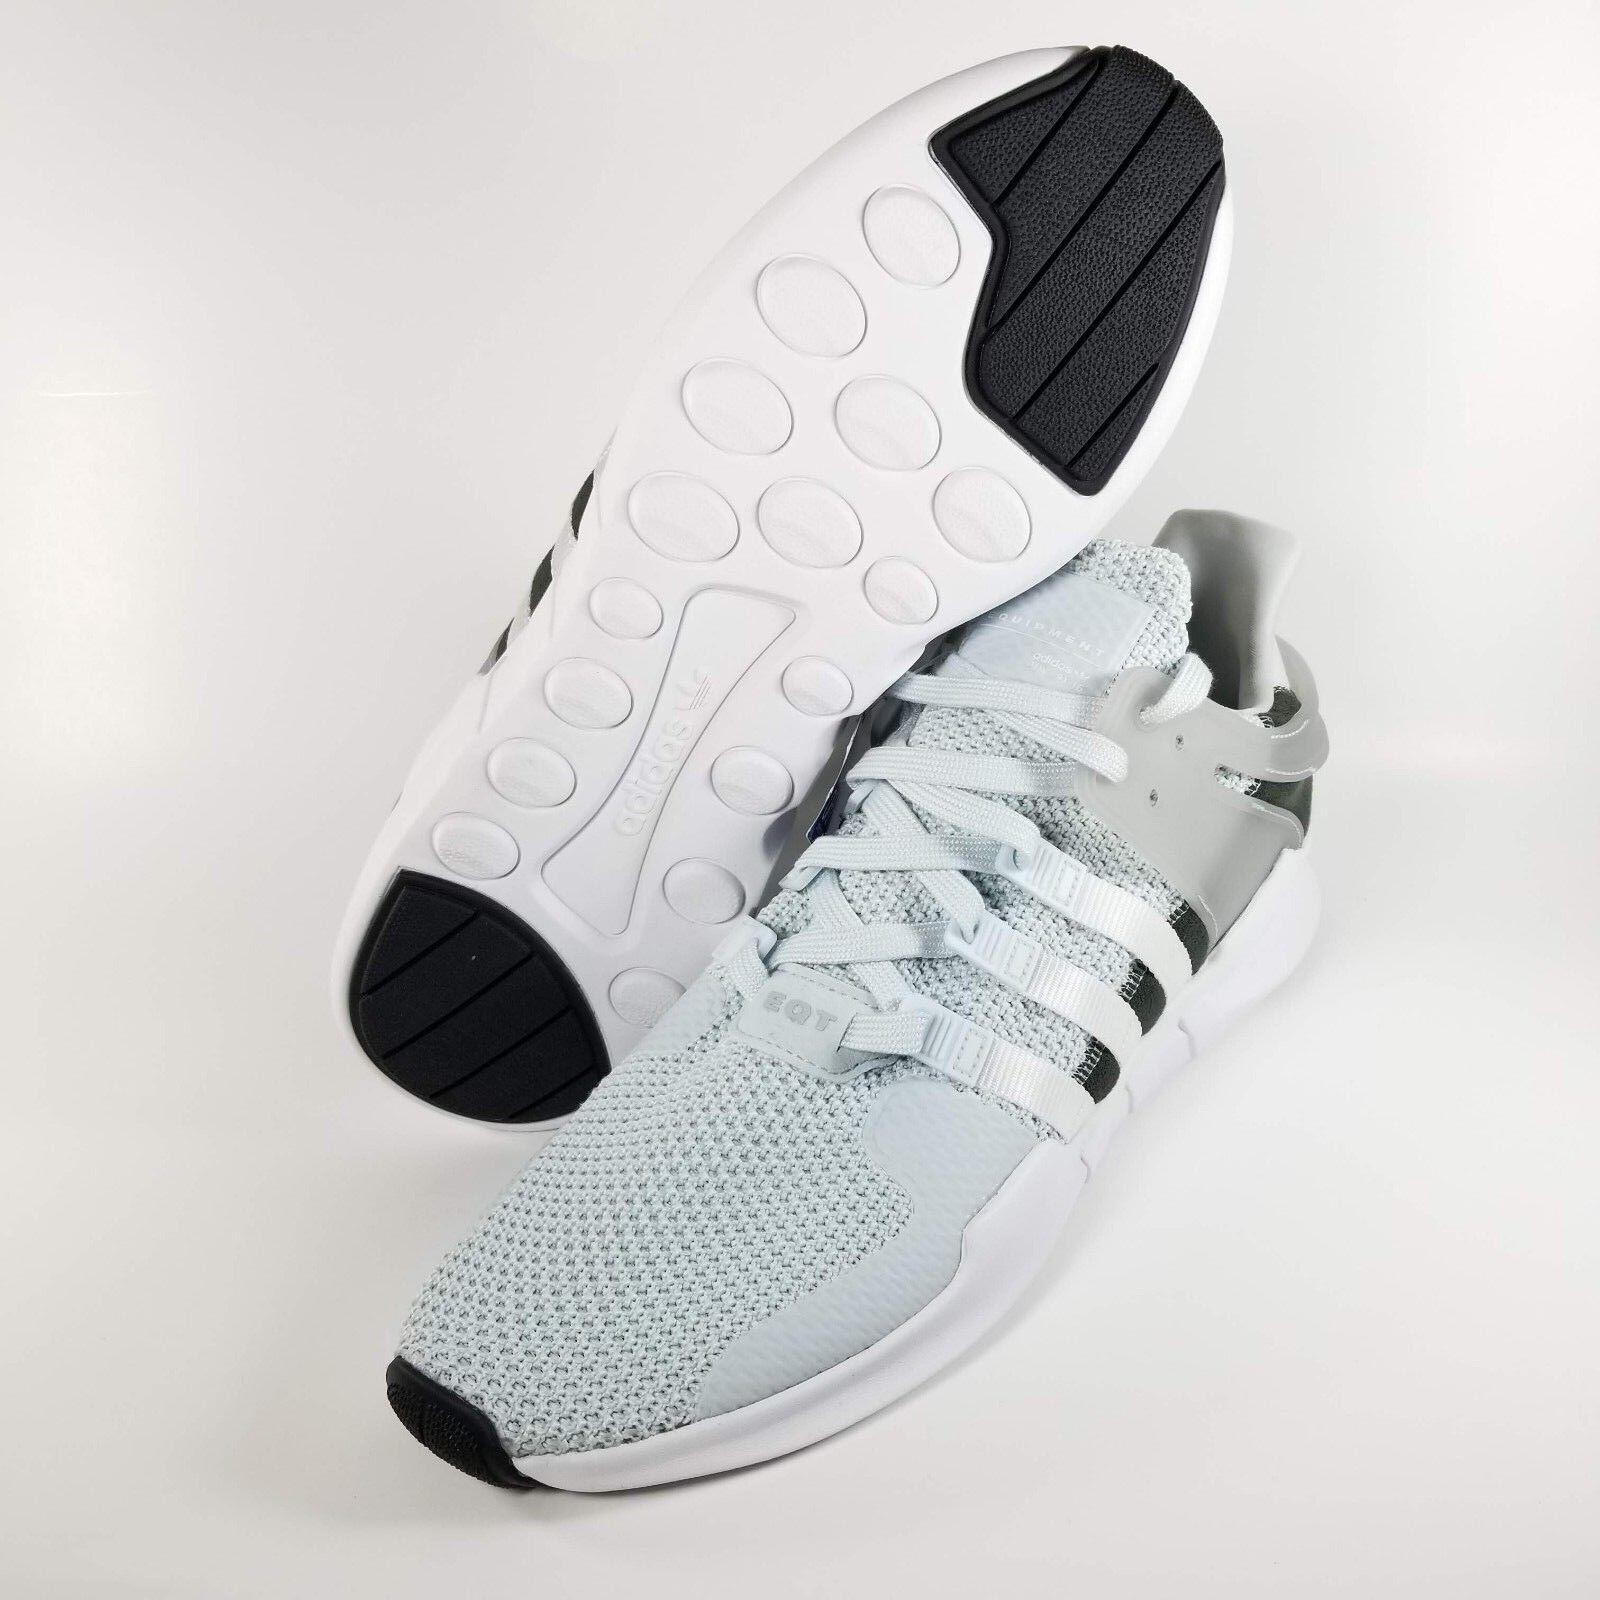 Adidas originali eqt appoggio avanzata 91-16 Uomo 46 tinta grigio blu / bianco / grigio tinta cq3001 6c39fe